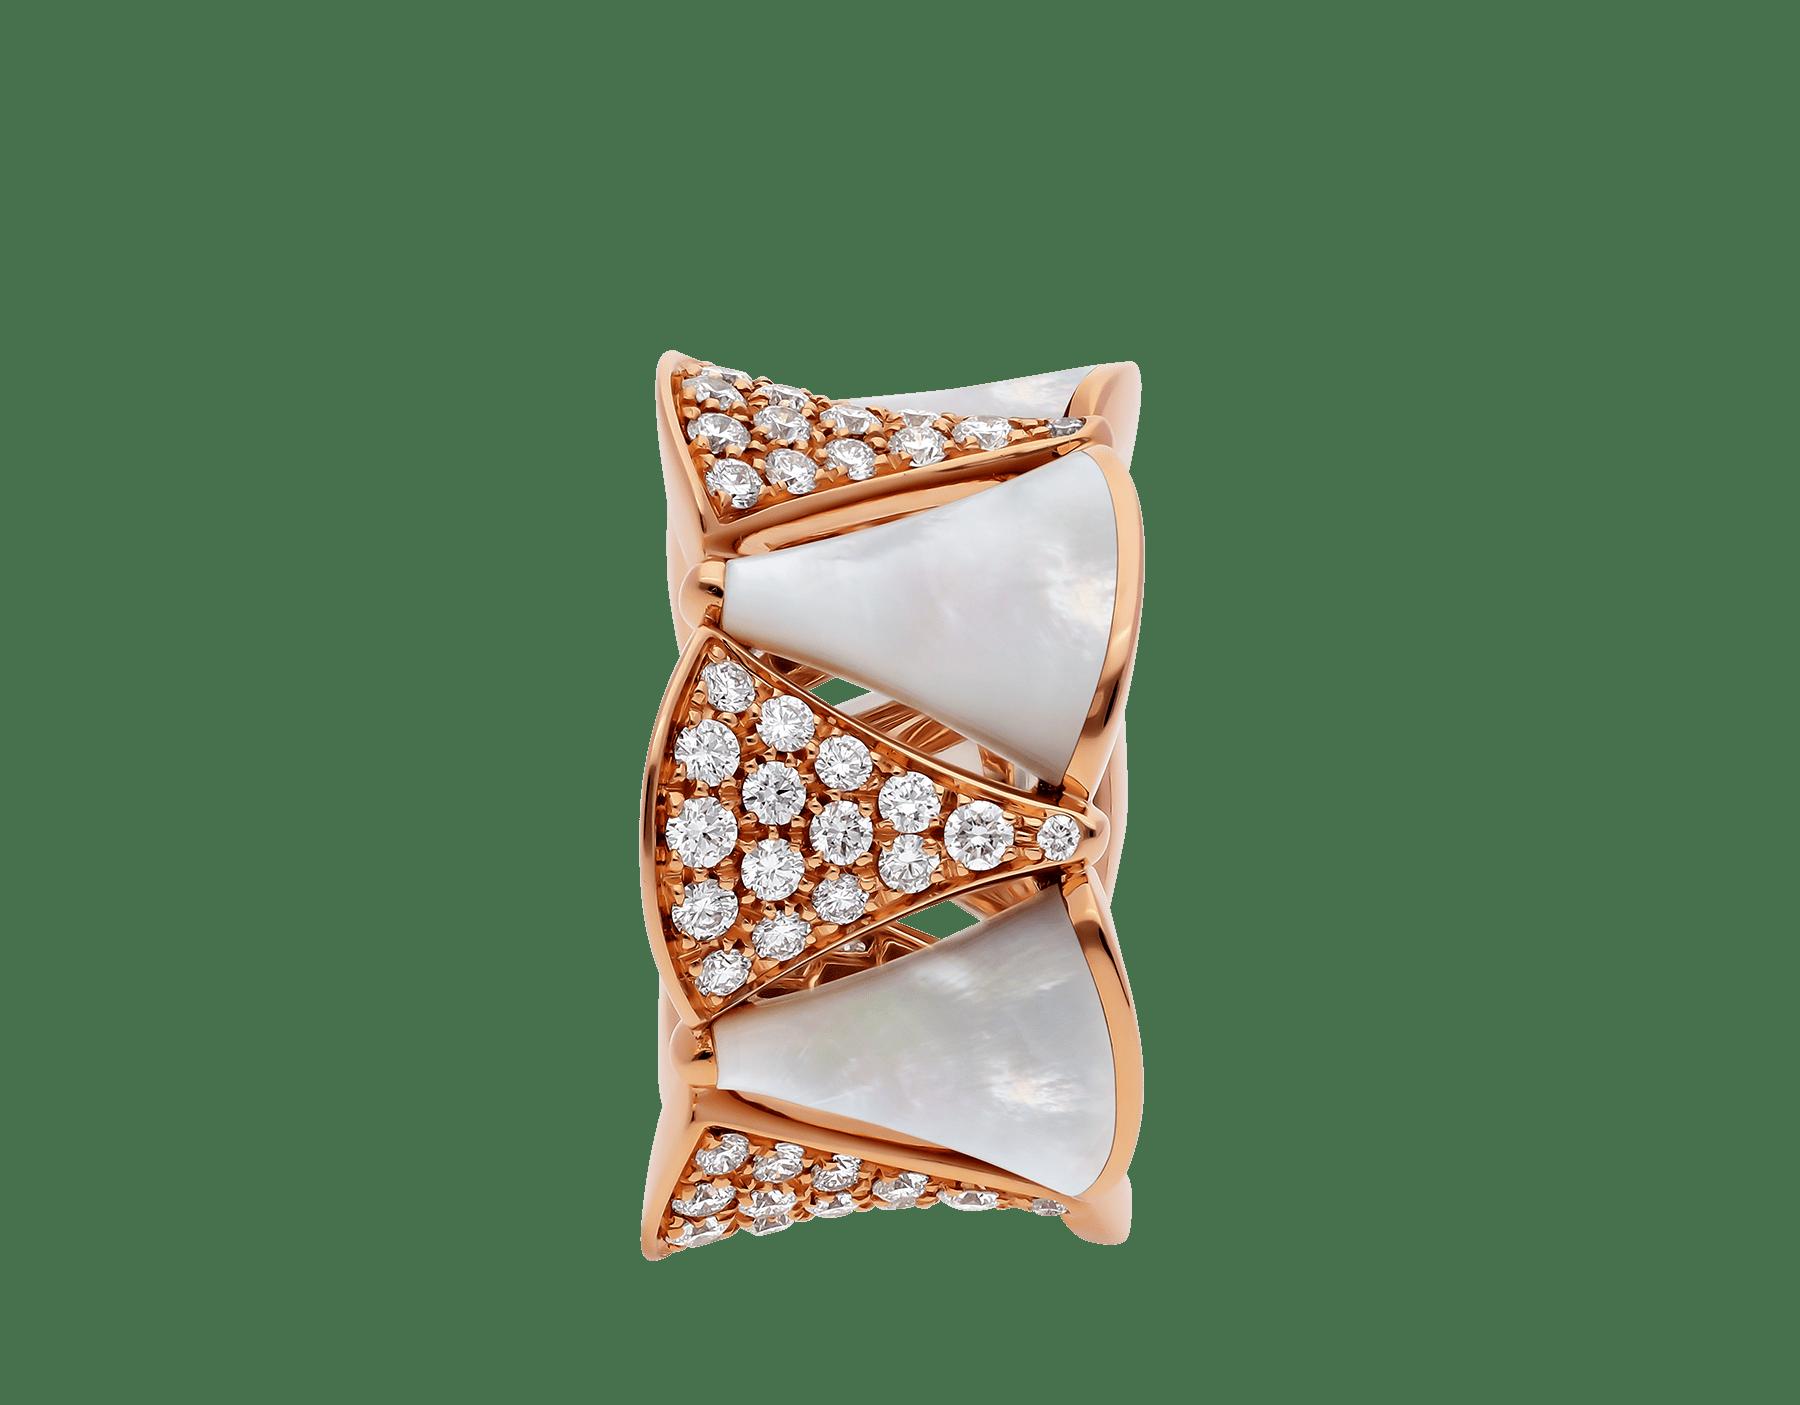 Composée de nacre à l'éclat éthéré et de diamants étincelants, la bague DIVAS' DREAM habille le doigt en rendant hommage à la pureté de la beauté féminine. AN856775 image 2